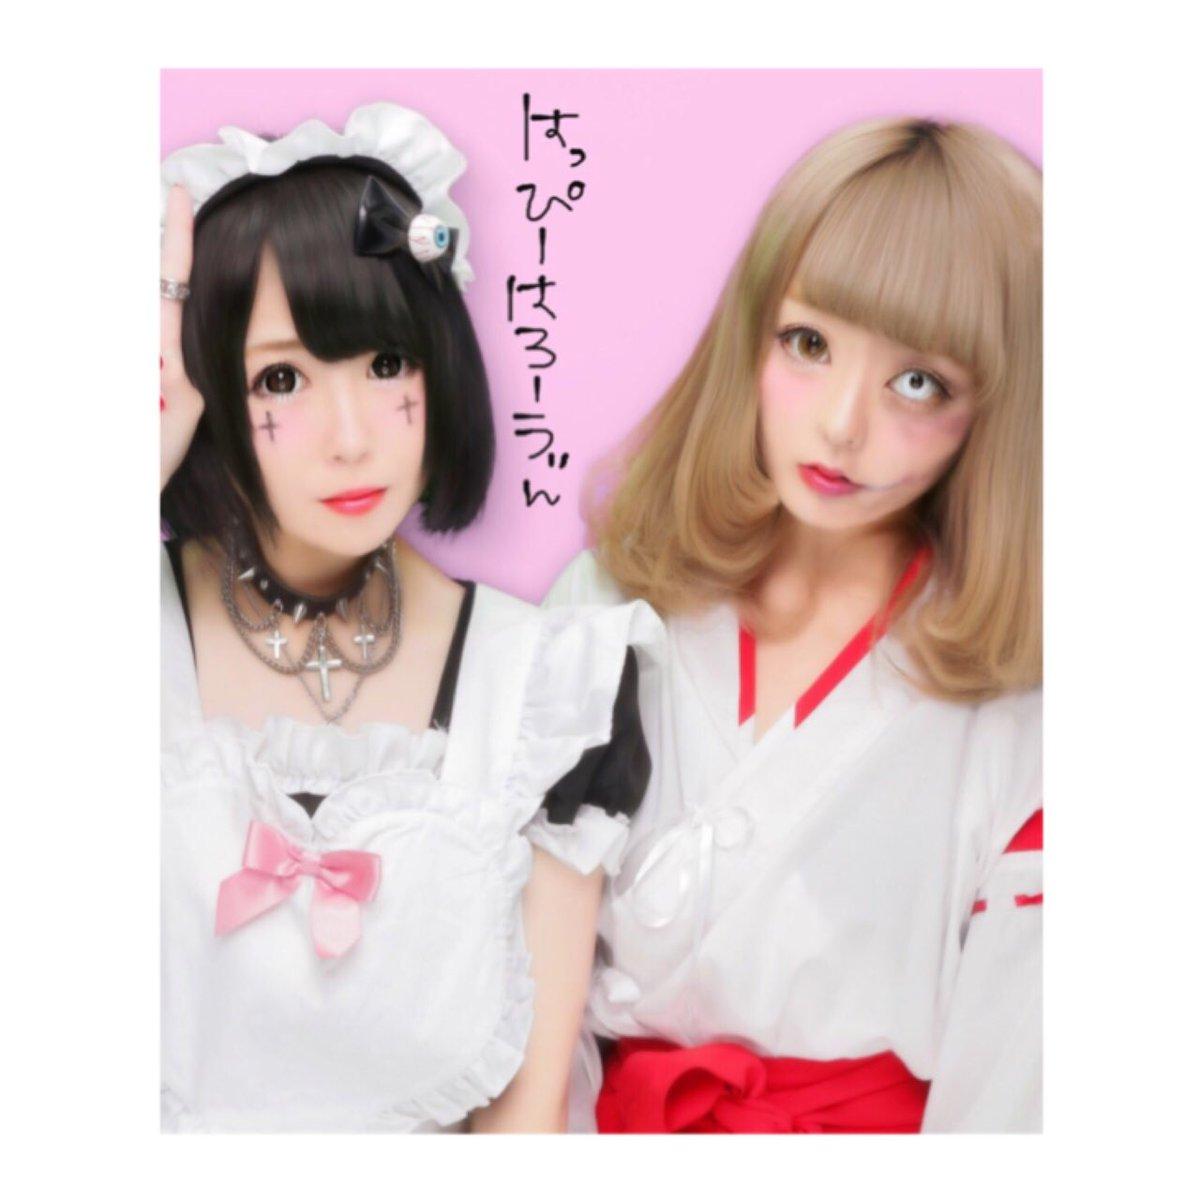 ハロウィン渋谷でオフパコするエロコスプレ少女エロ画像11枚目